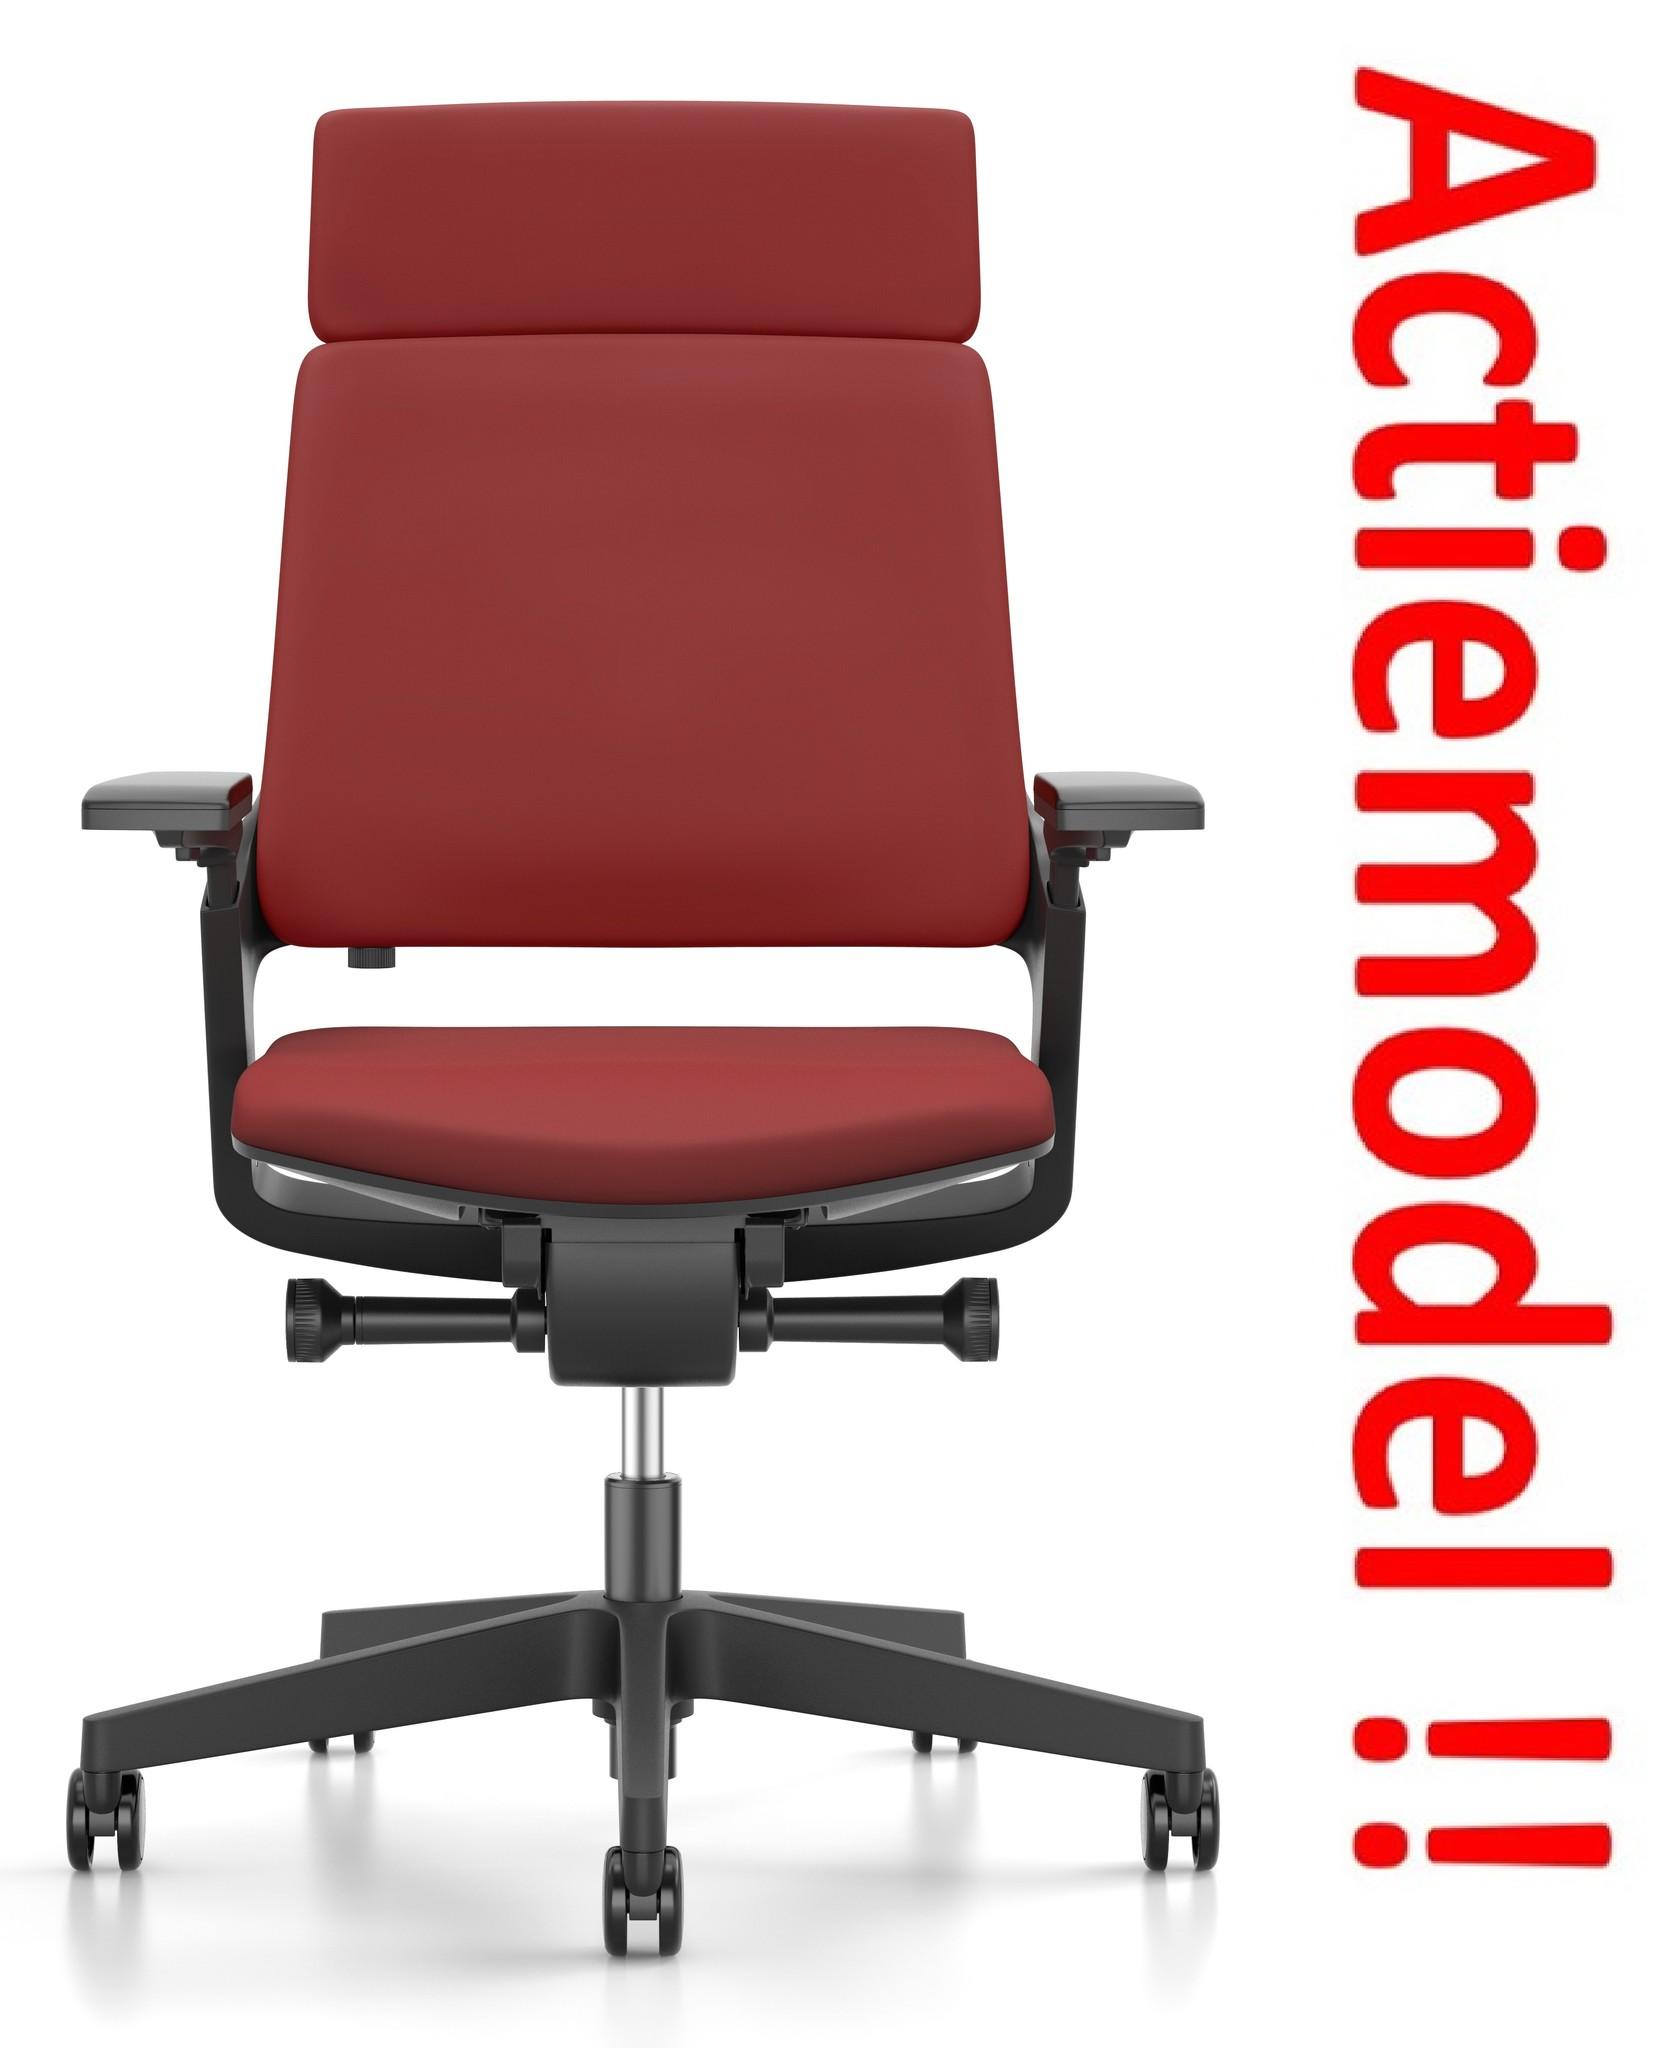 Bureaustoel Met Lendesteun.Interstuhl Movy Bureaustoel Design Online Meubels